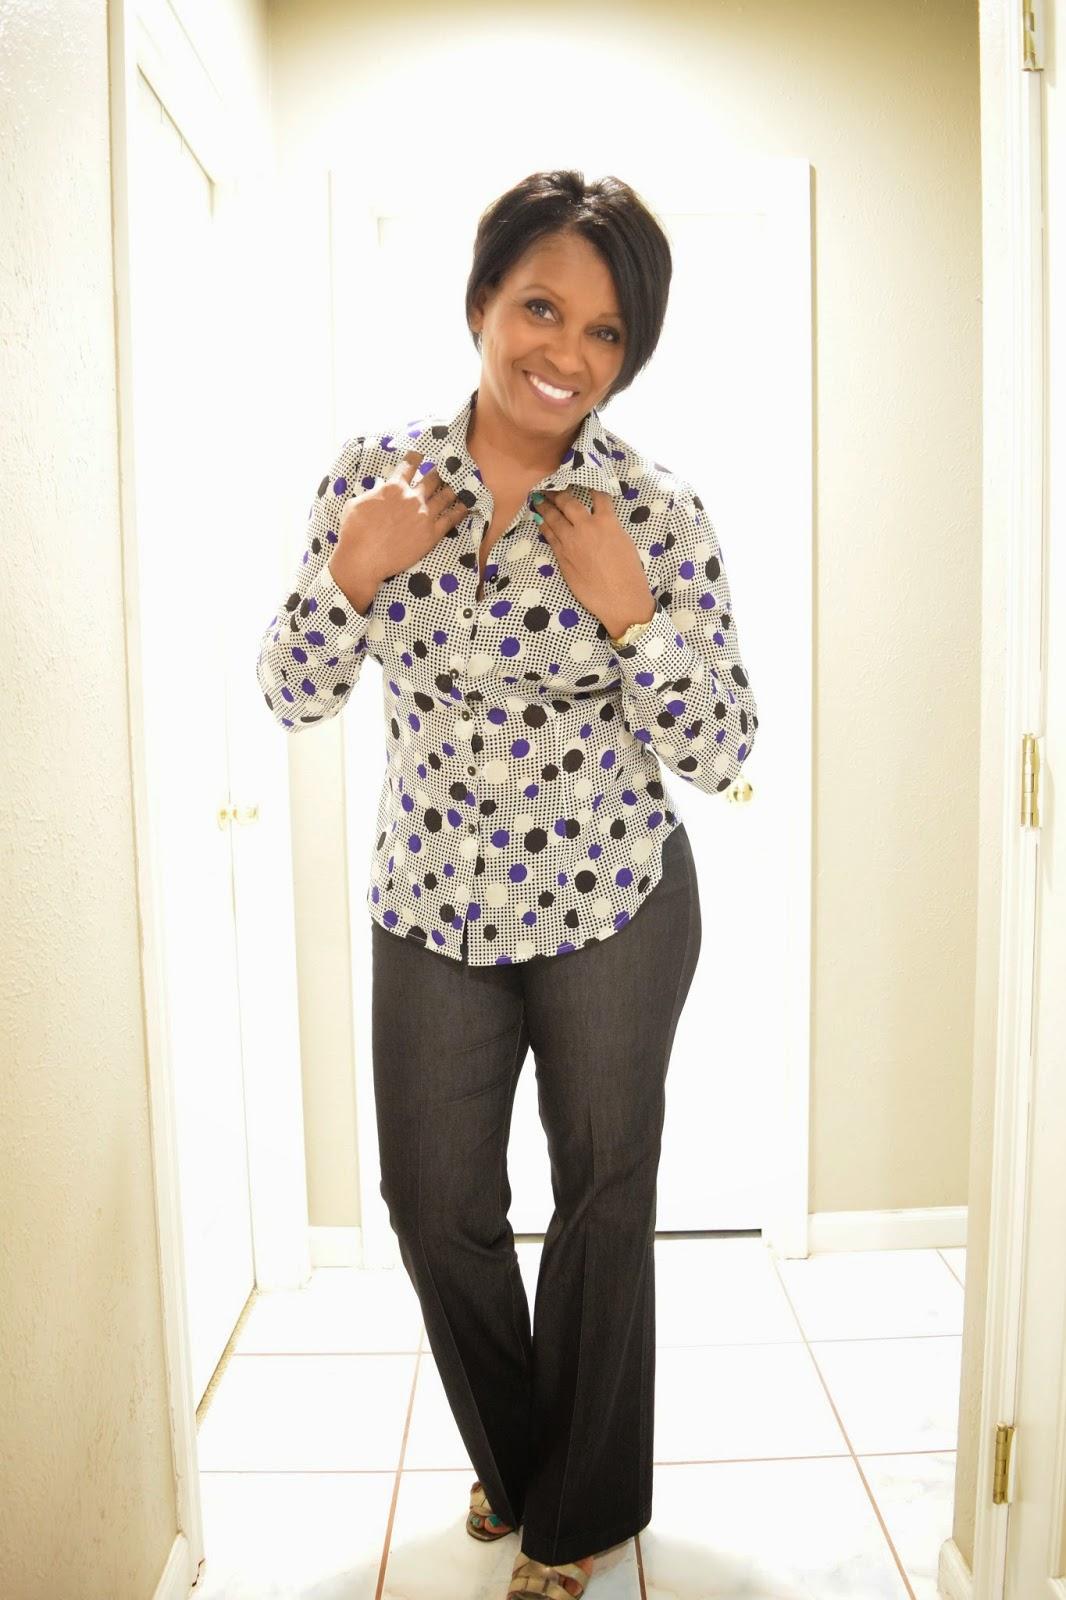 Pokadot blouse